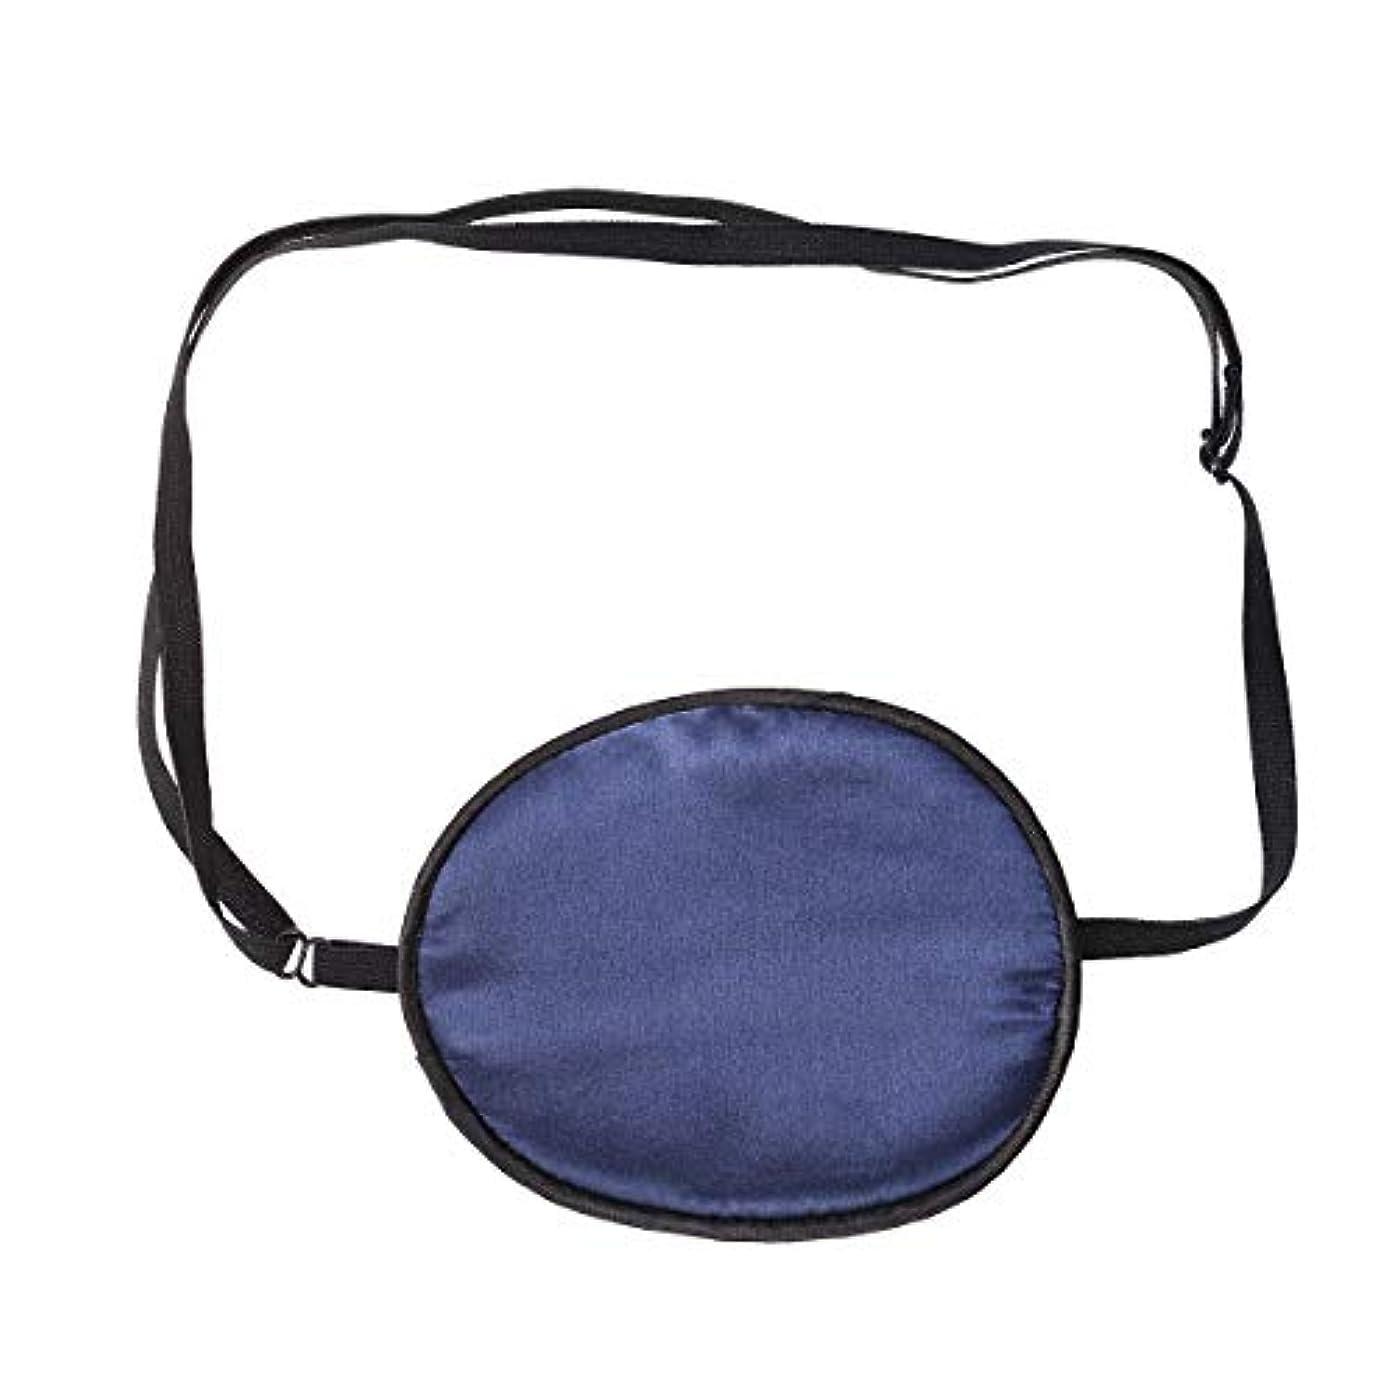 最終法的マイクSUPVOX シルクアイパッチソフトで心地良い弾力のあるアイパッチ大人のための漏れのない滑らかな目の失明斜視(ネイビー)